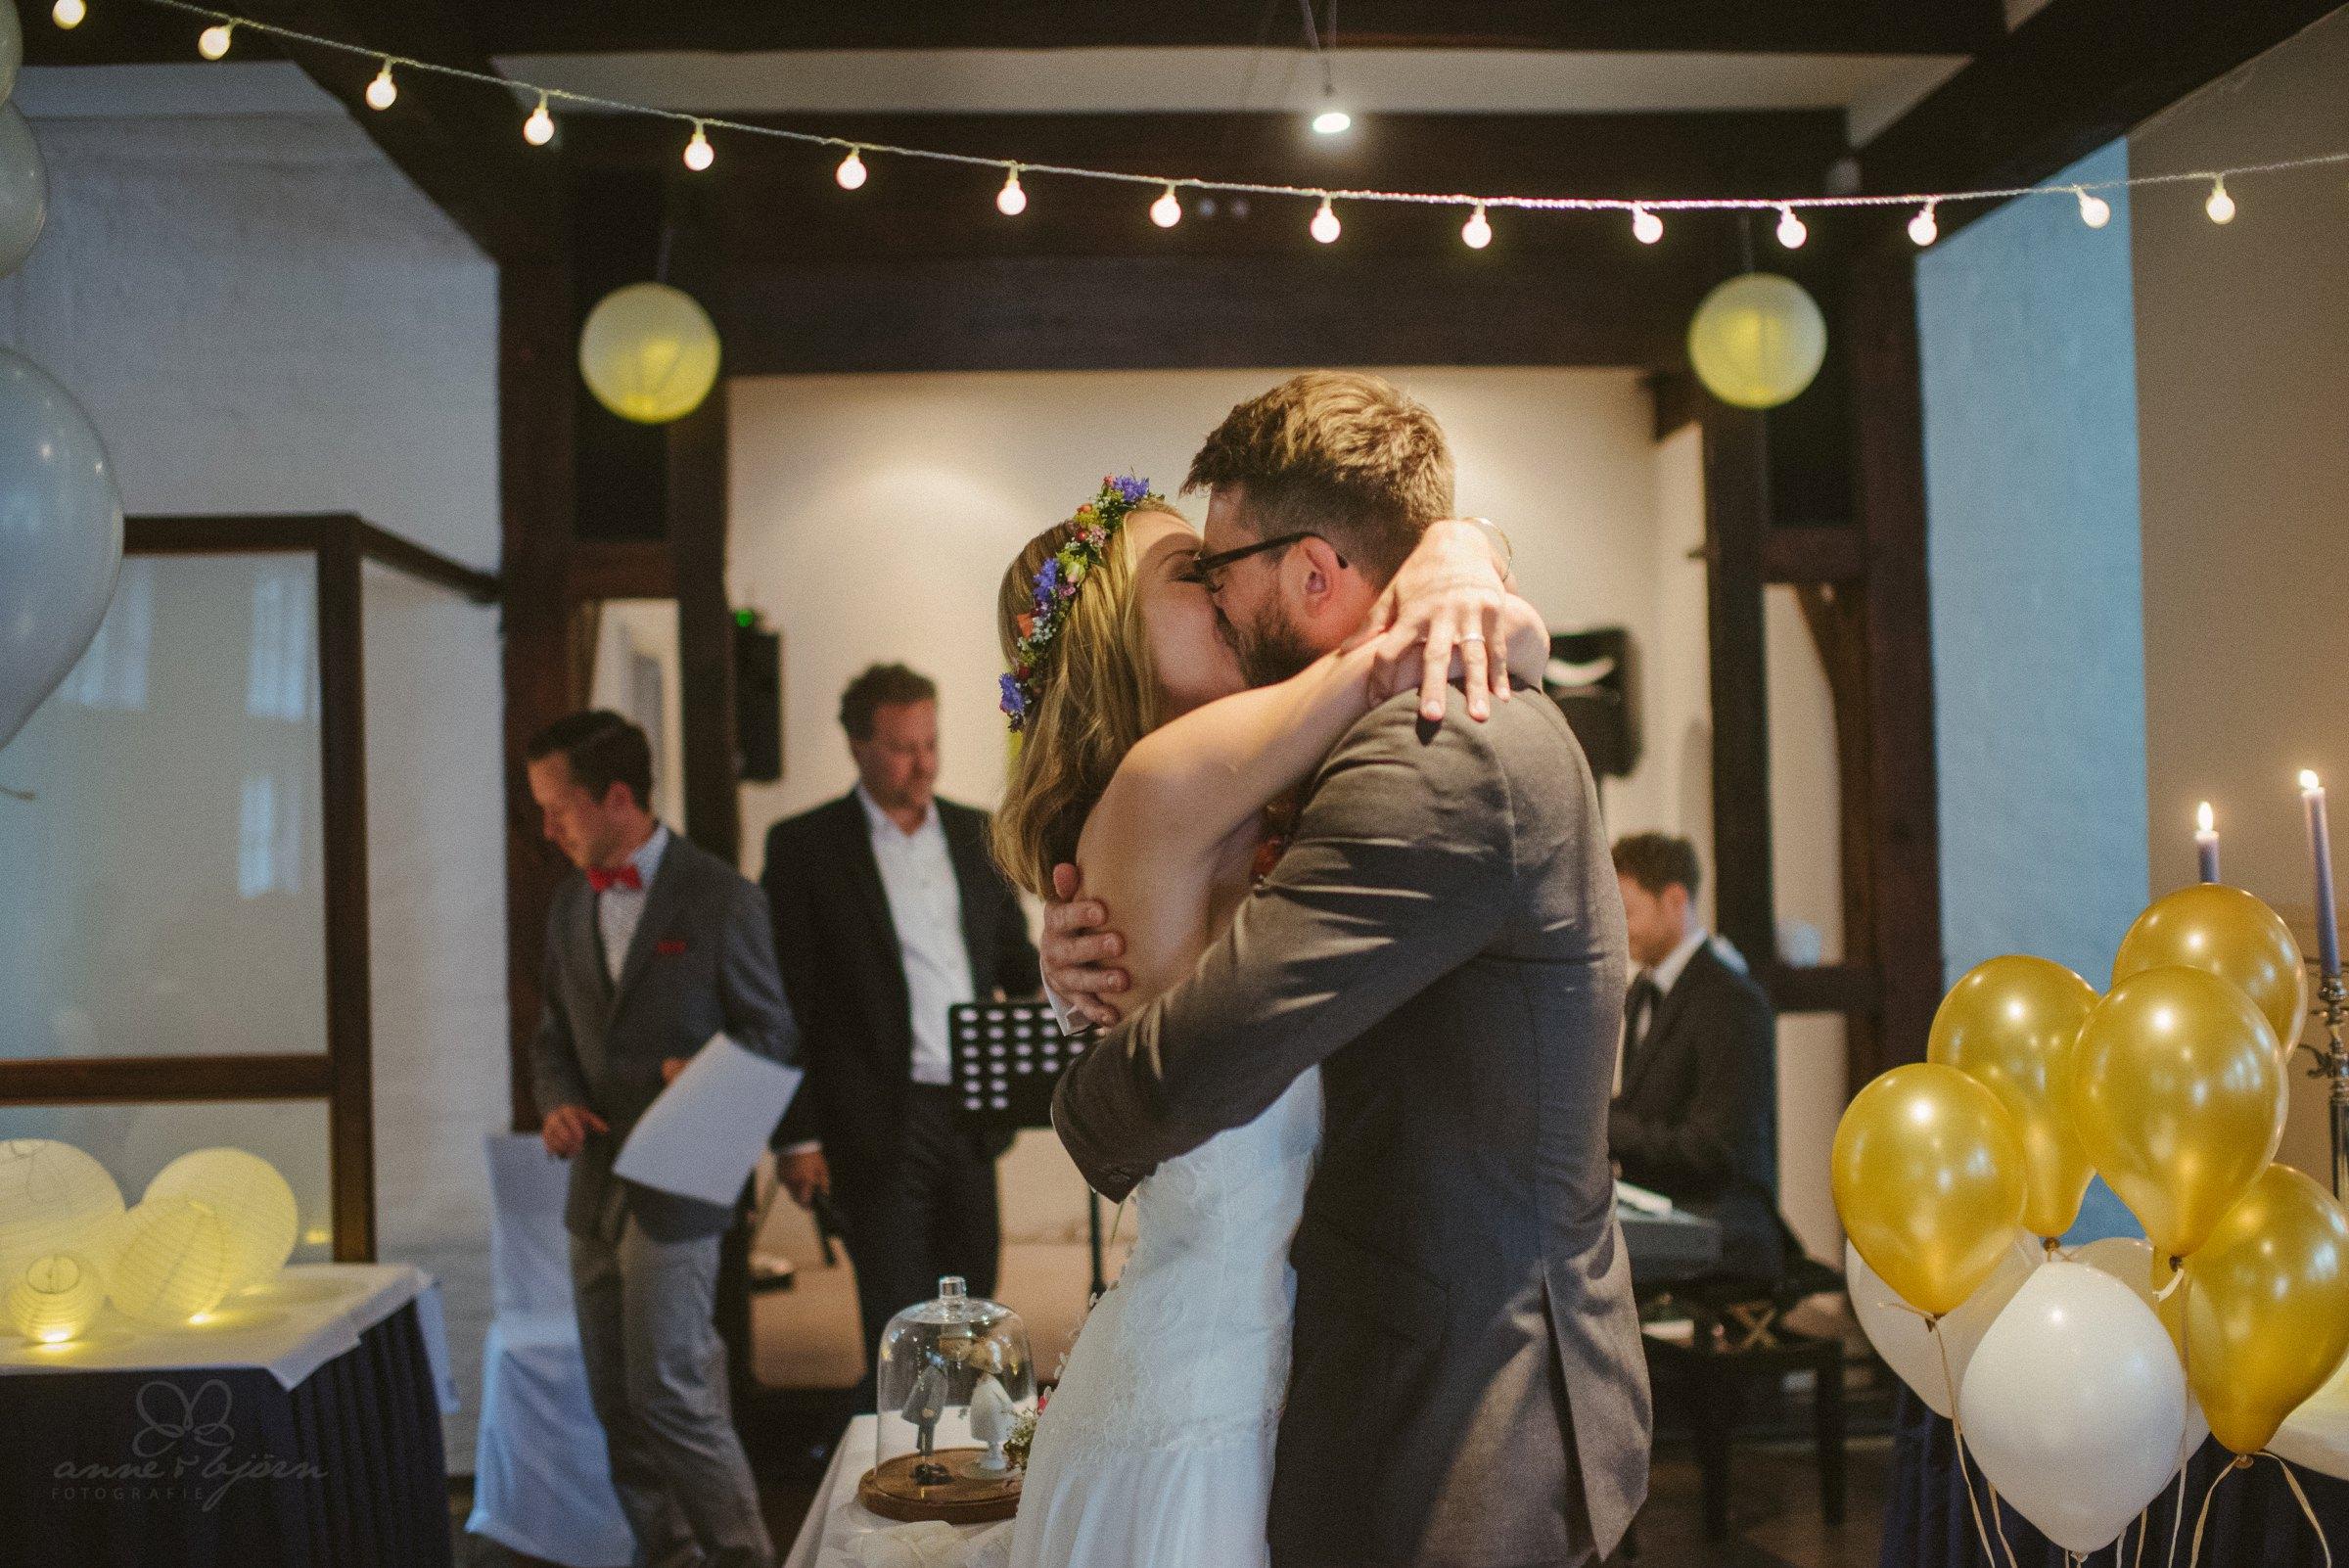 Kuss, Hochzeitskuss, Luftballons, Trauung, JA